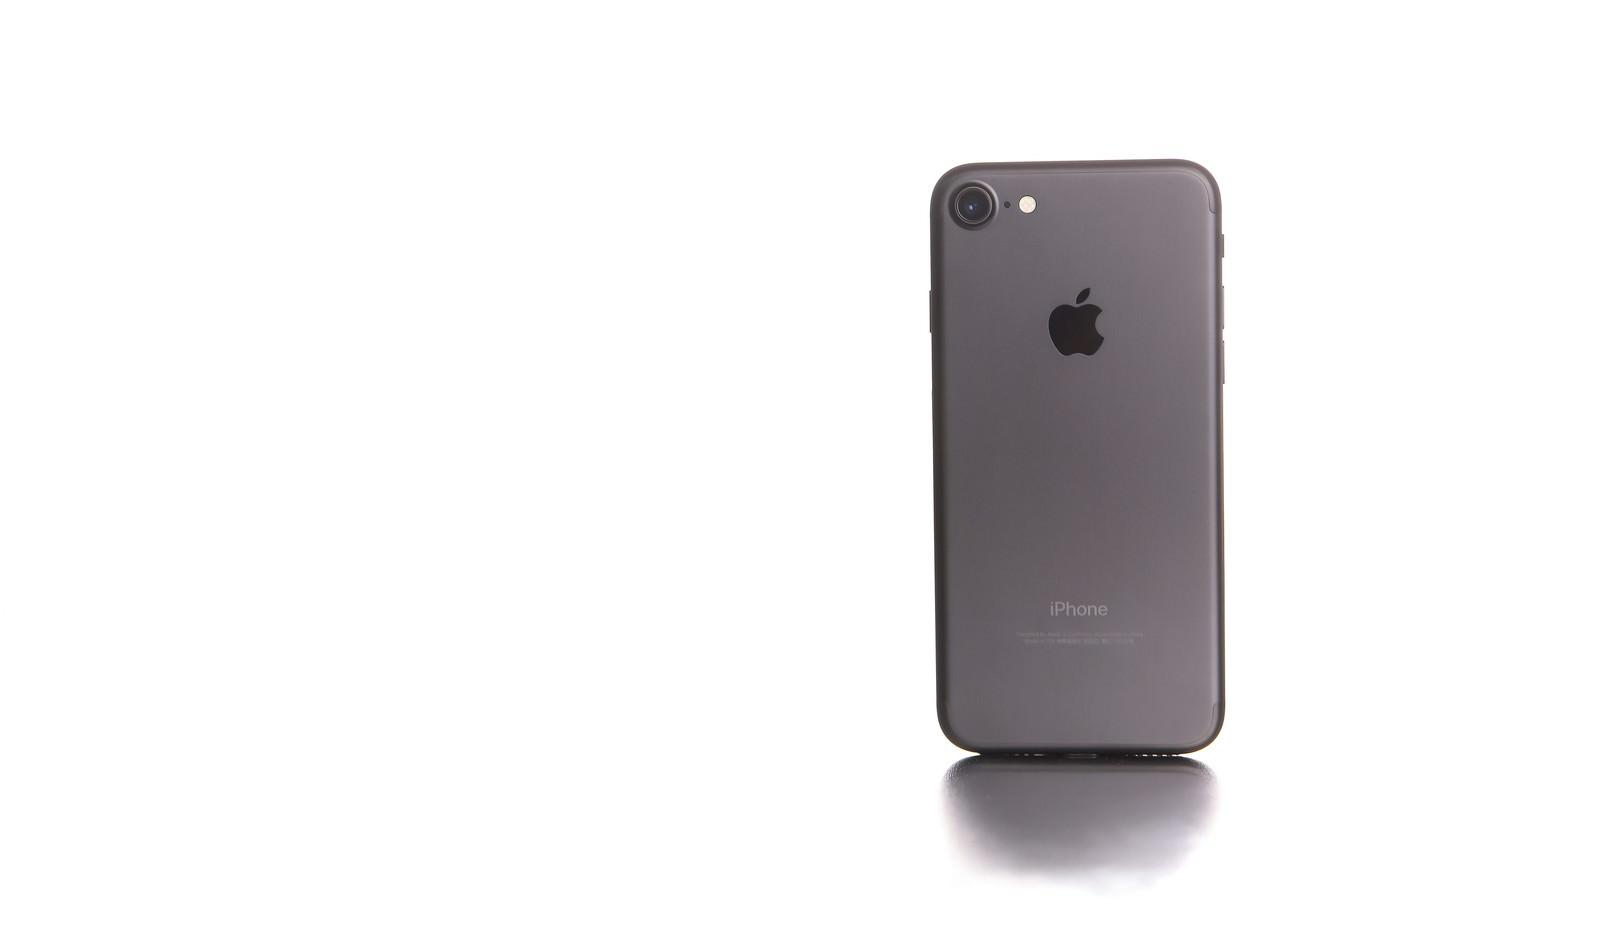 「白い光に包まれたスマートフォン白い光に包まれたスマートフォン」のフリー写真素材を拡大